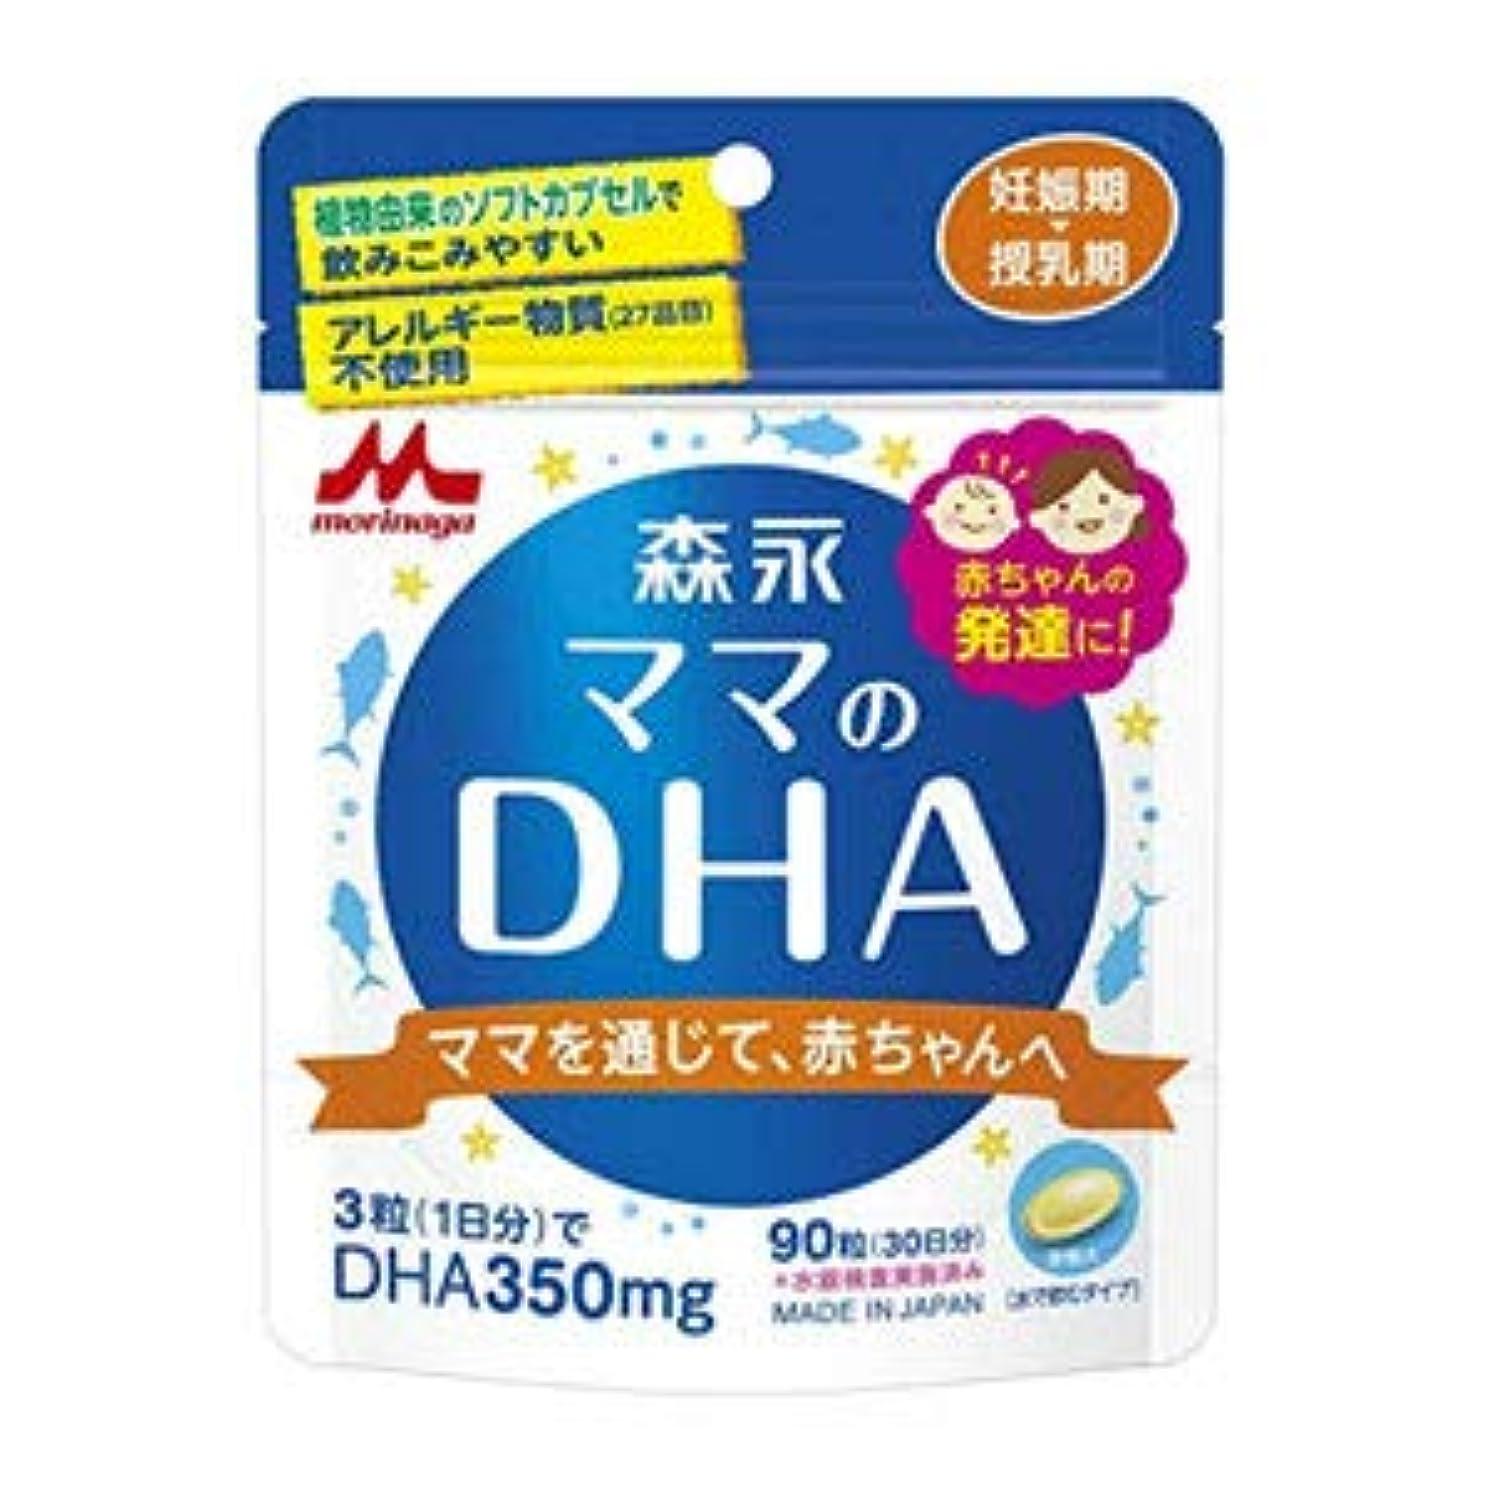 ビート残酷額森永 ママのDHA 90粒入 (約30日分)×6個